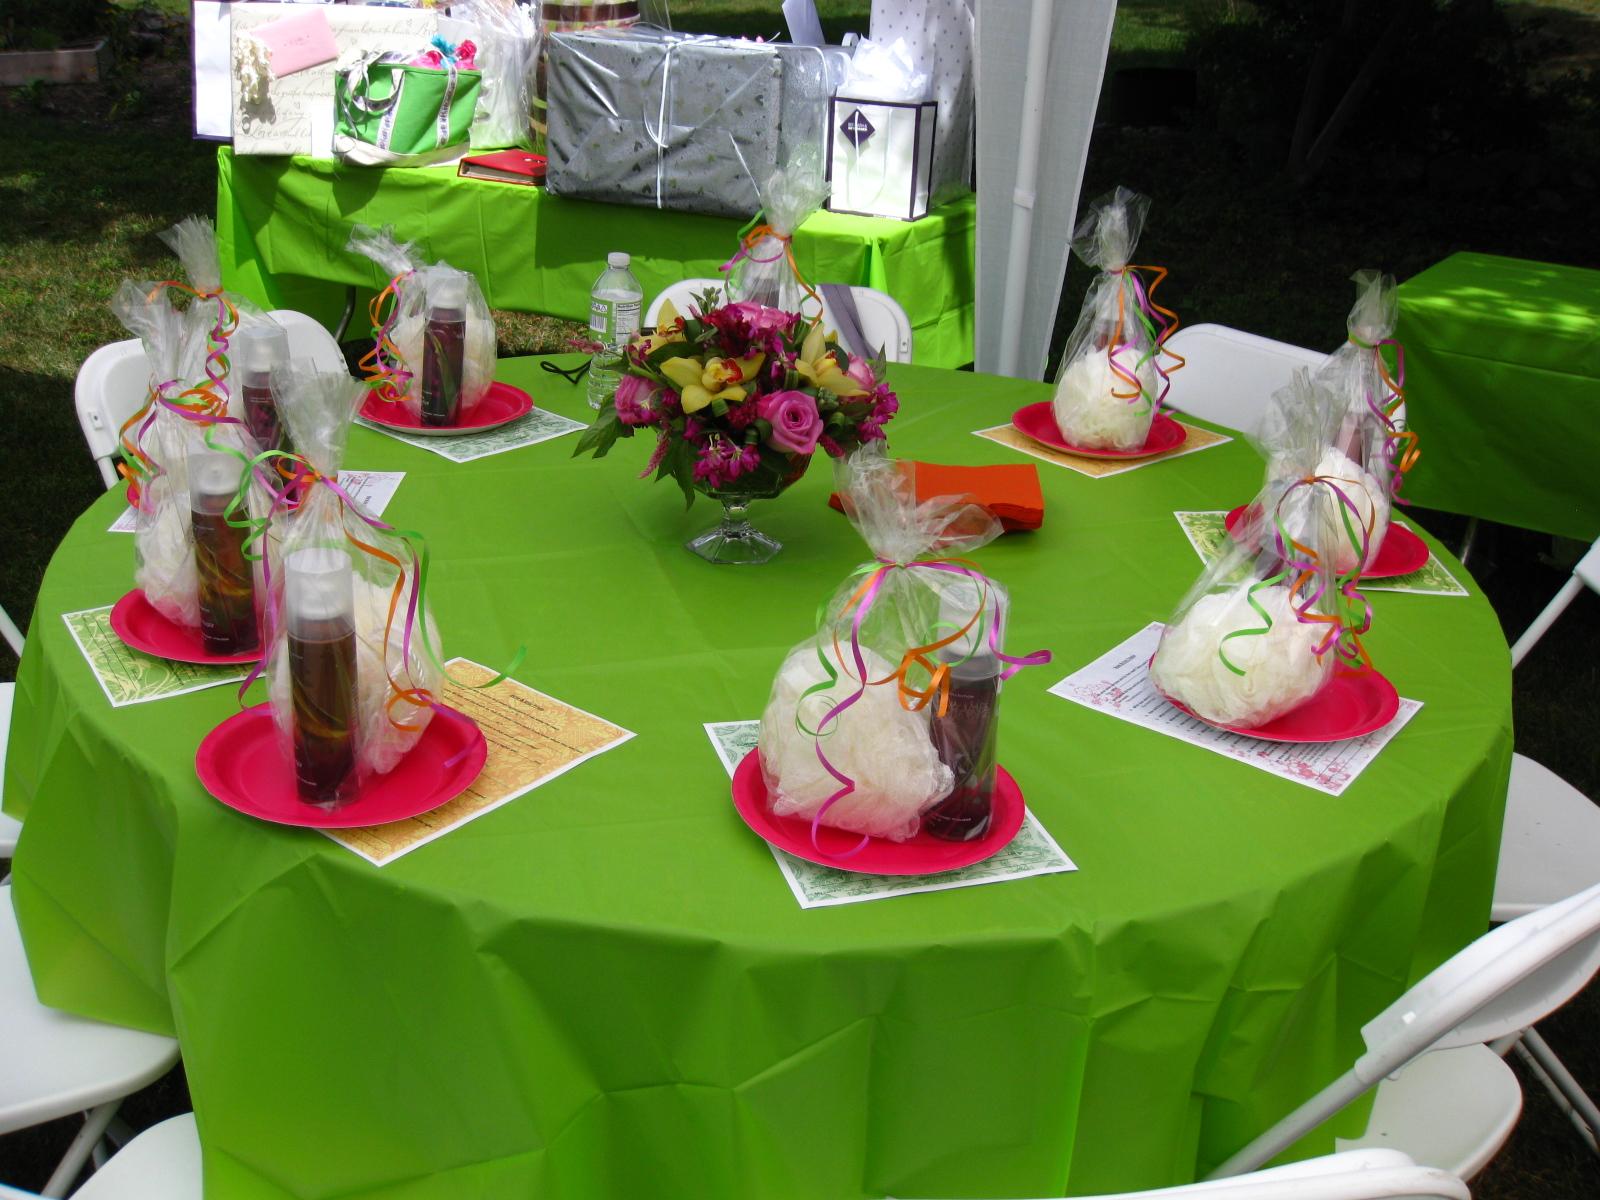 cara39s cravings tropical bridal shower